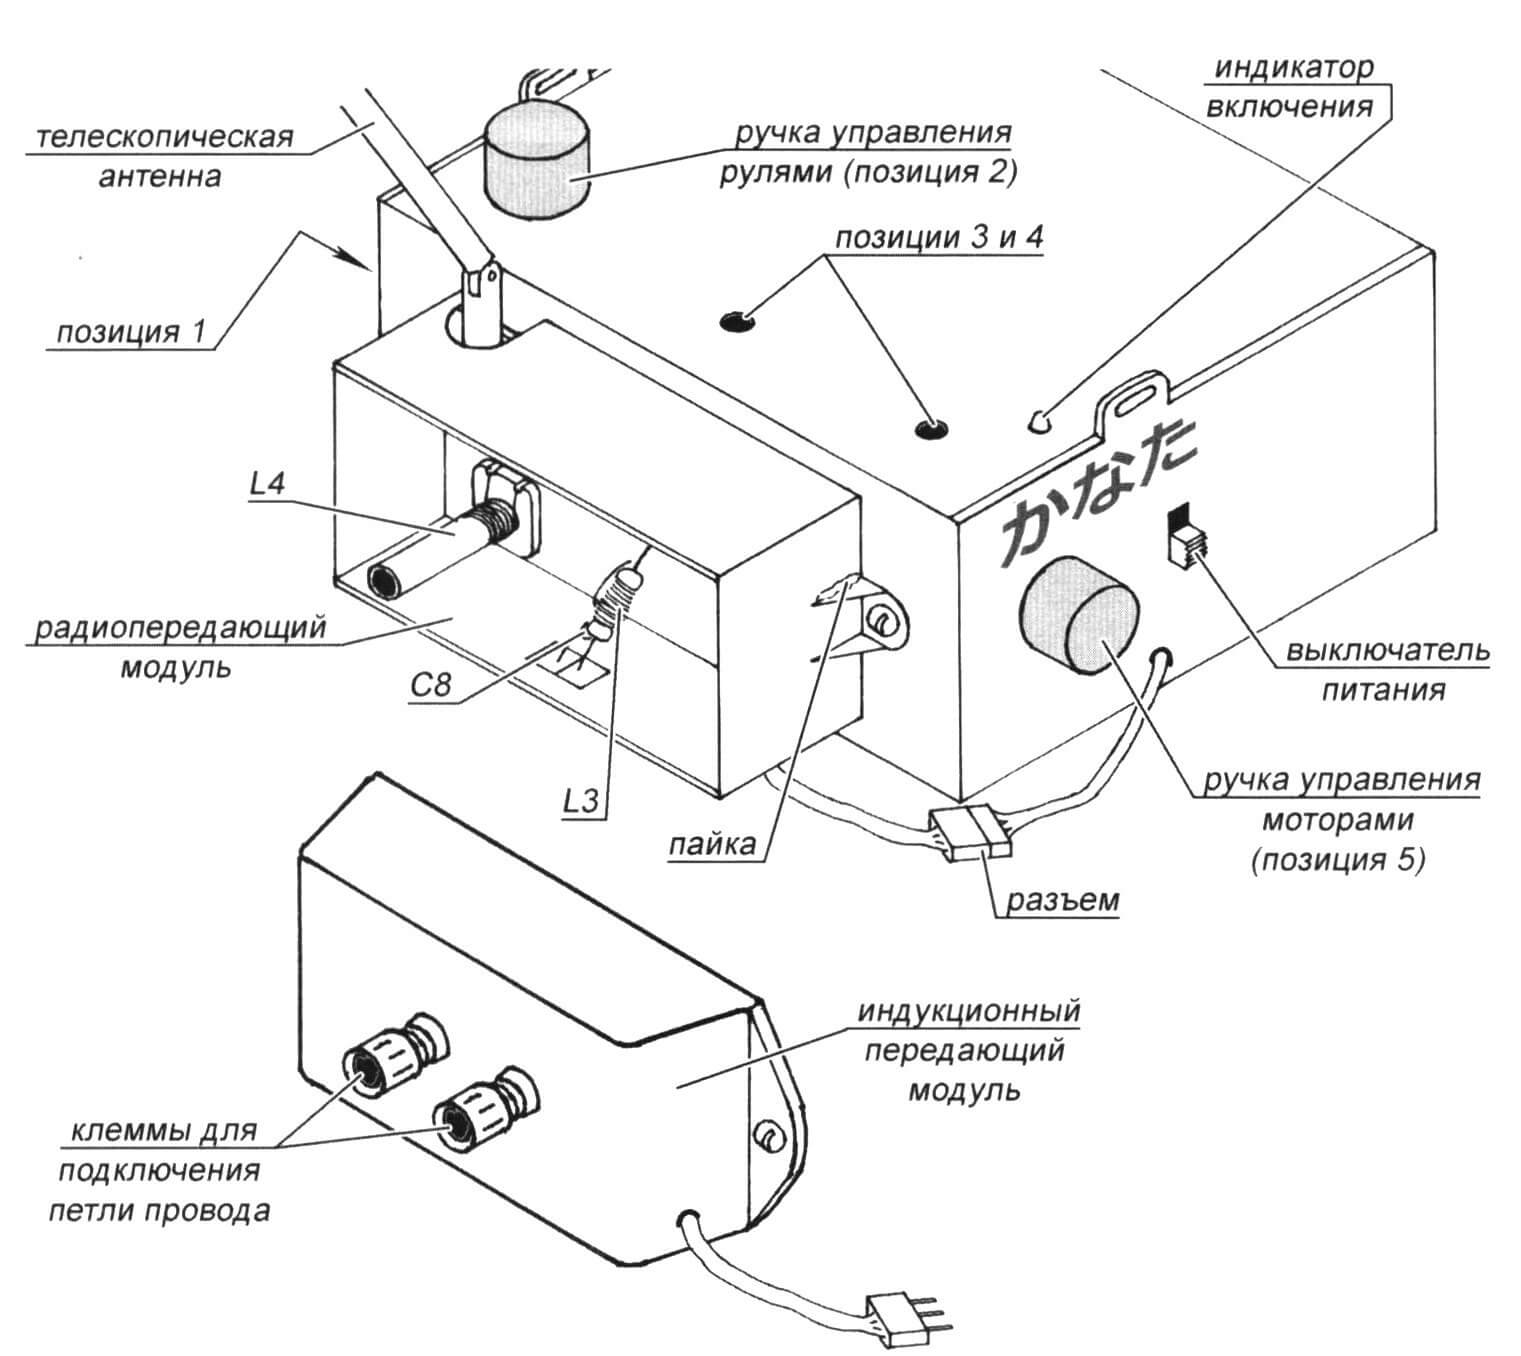 Общая компоновка пульта управления системы «Каната»